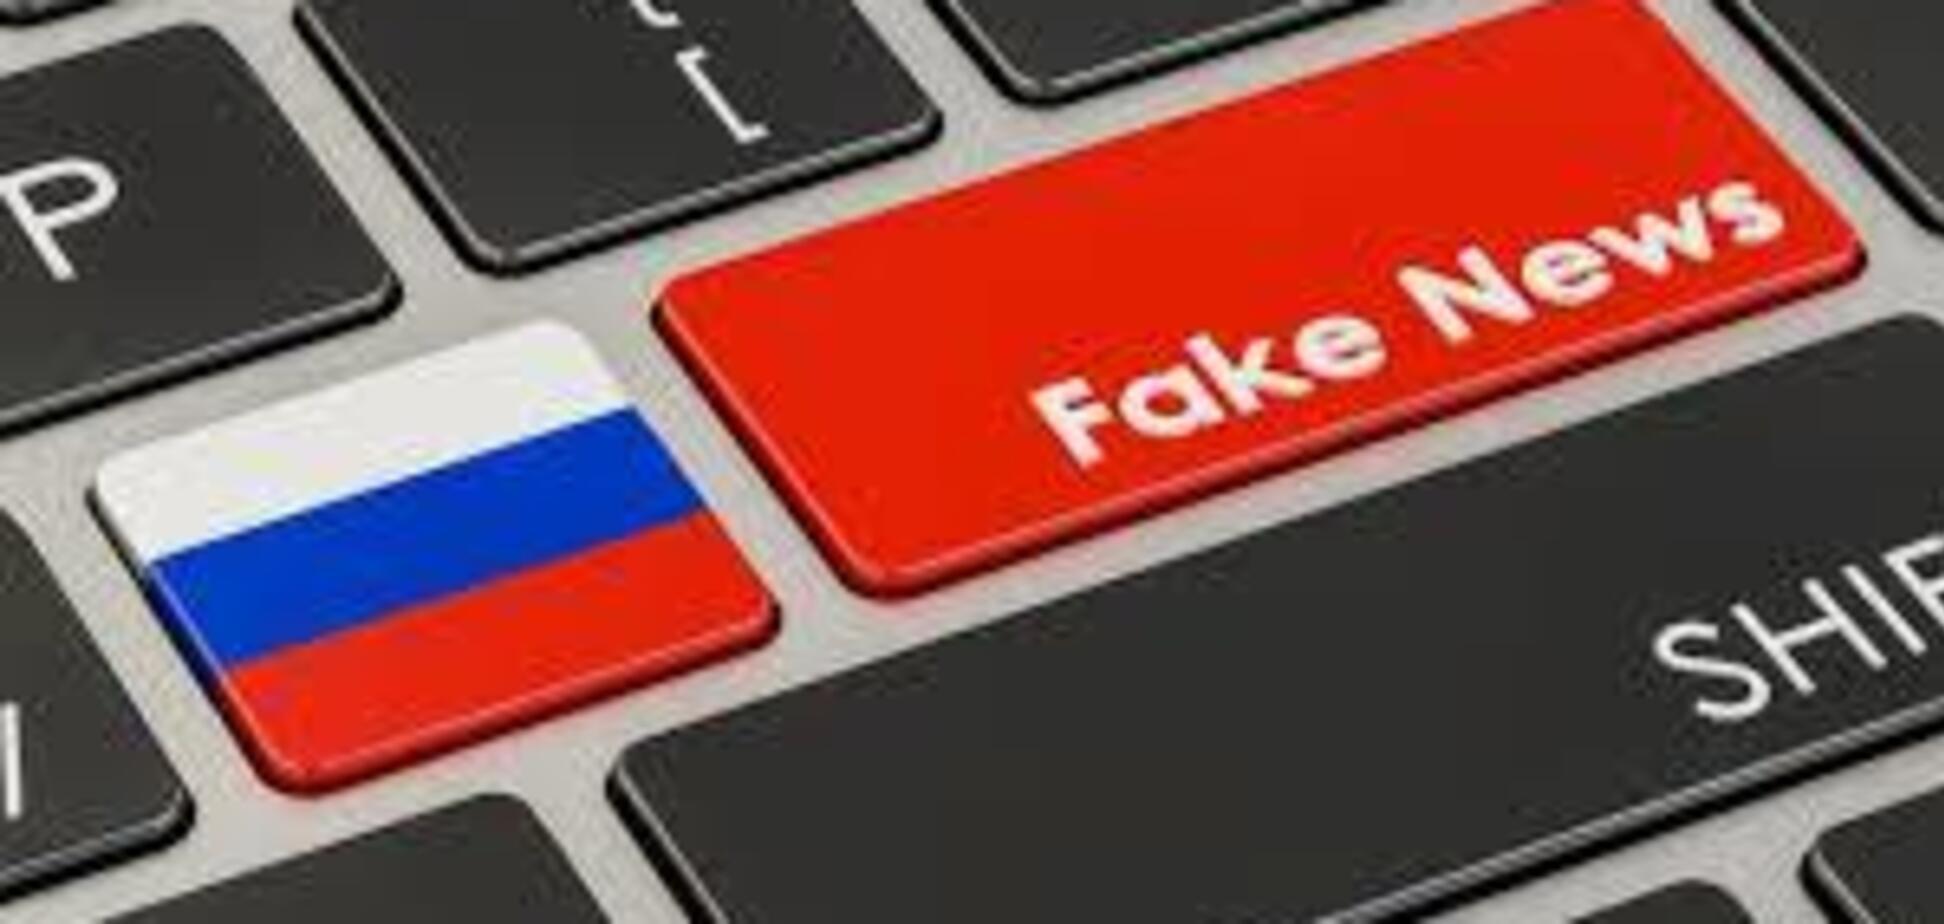 ТОП-10 фейків Кремля